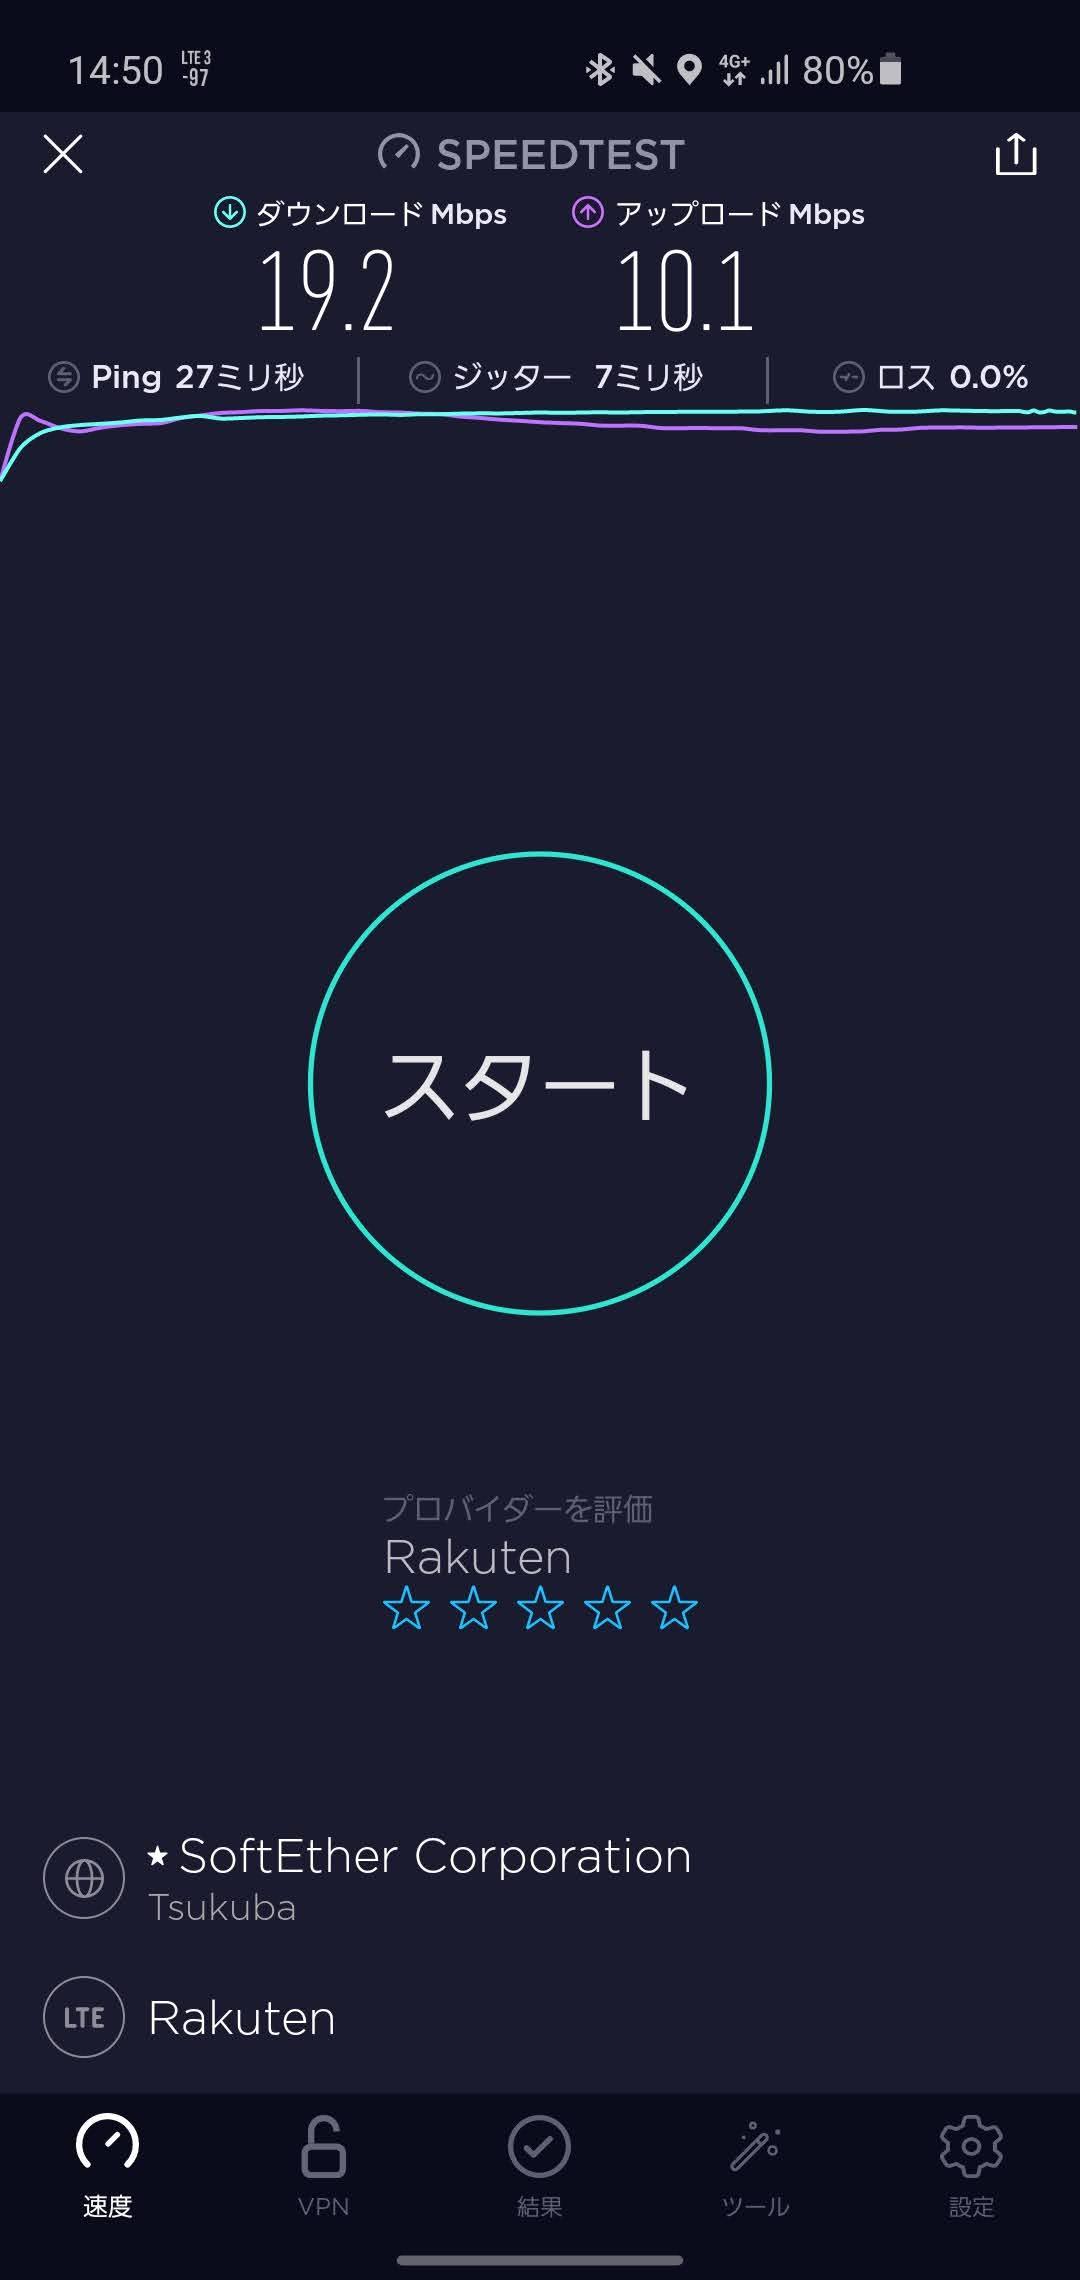 東京メトロ日比谷線の一部区間で楽天モバイルの電波を捕捉